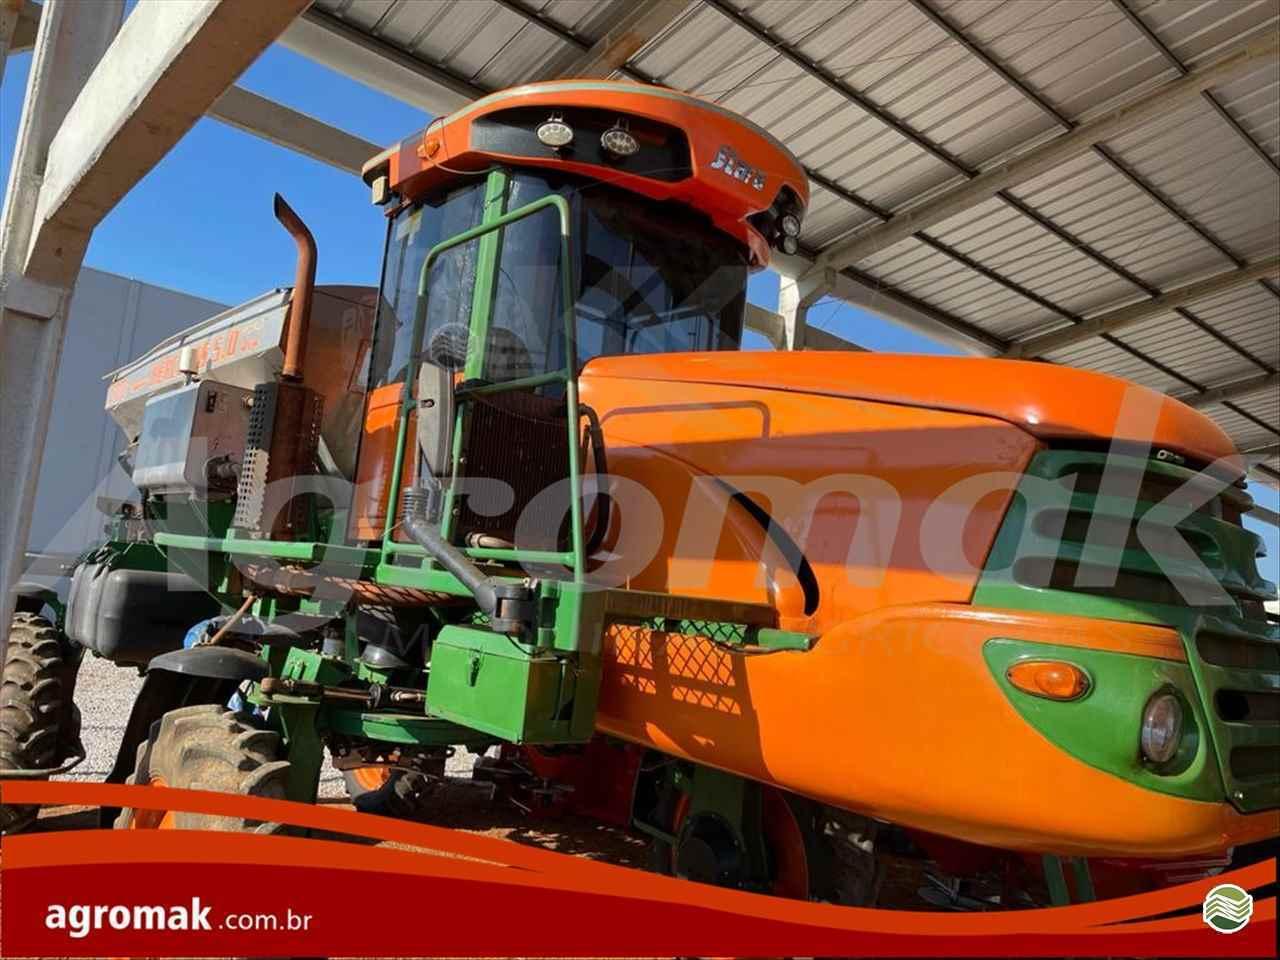 DISTRIBUIDOR AUTOPROPELIDO STARA HERCULES 5.0 Tração 4x4 Agromak Máquinas Agrícolas CAMPO VERDE MATO GROSSO MT